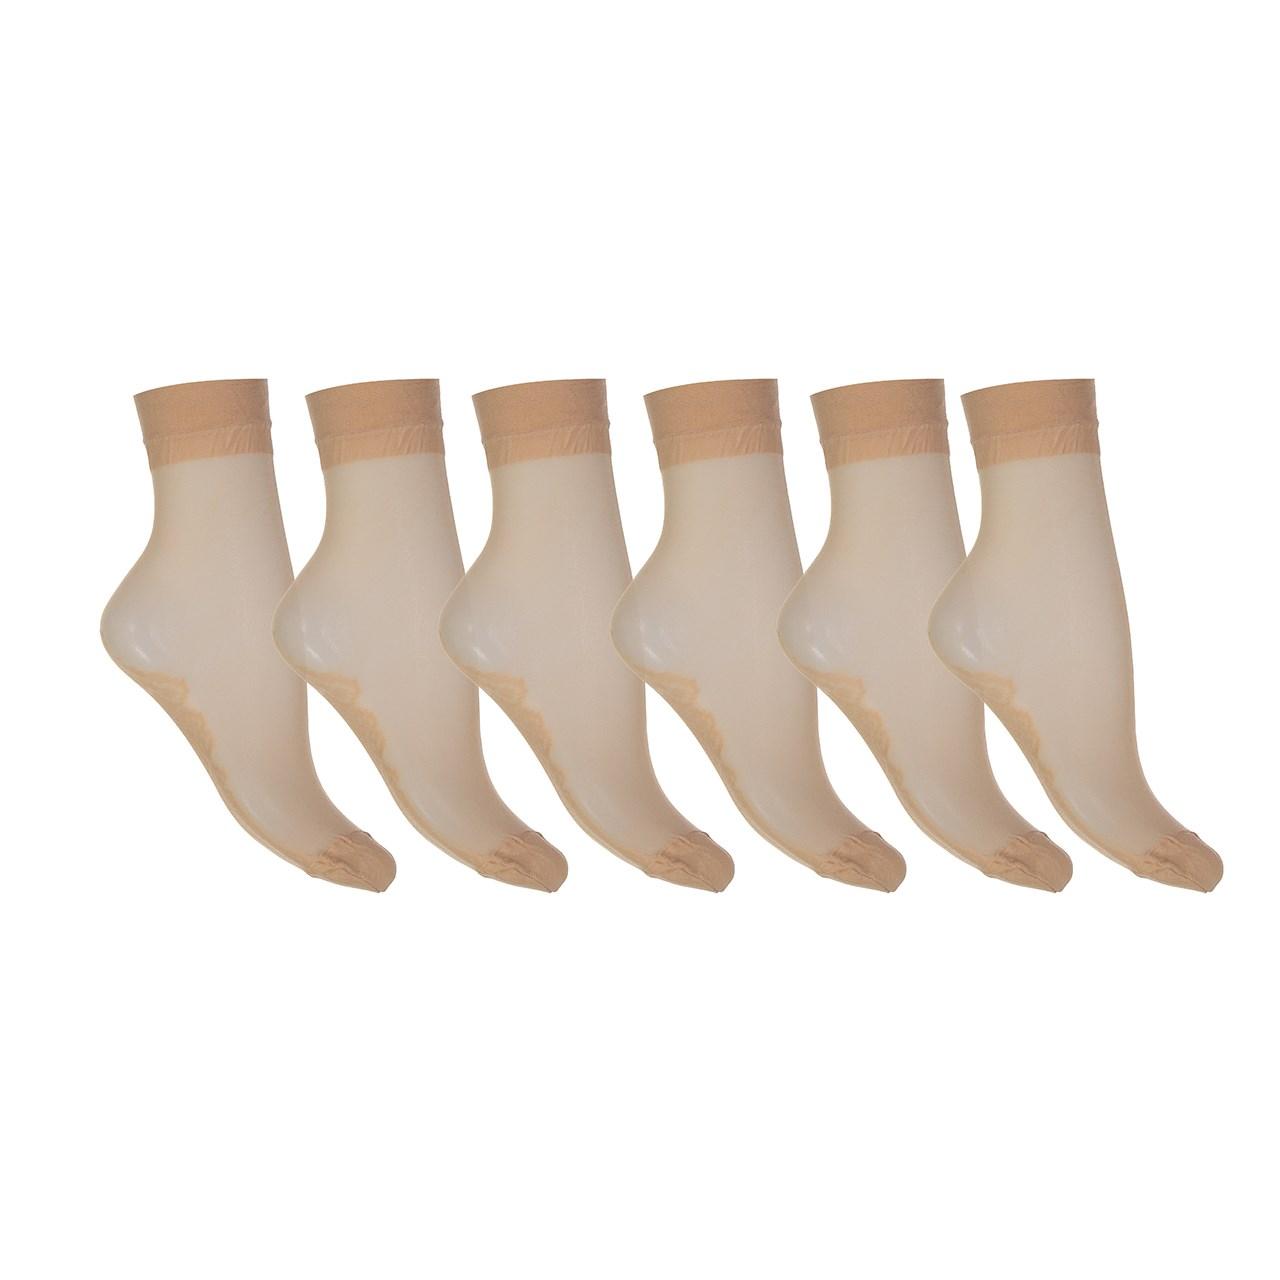 جوراب زنانه مدل CL891 بسته 6 عددی